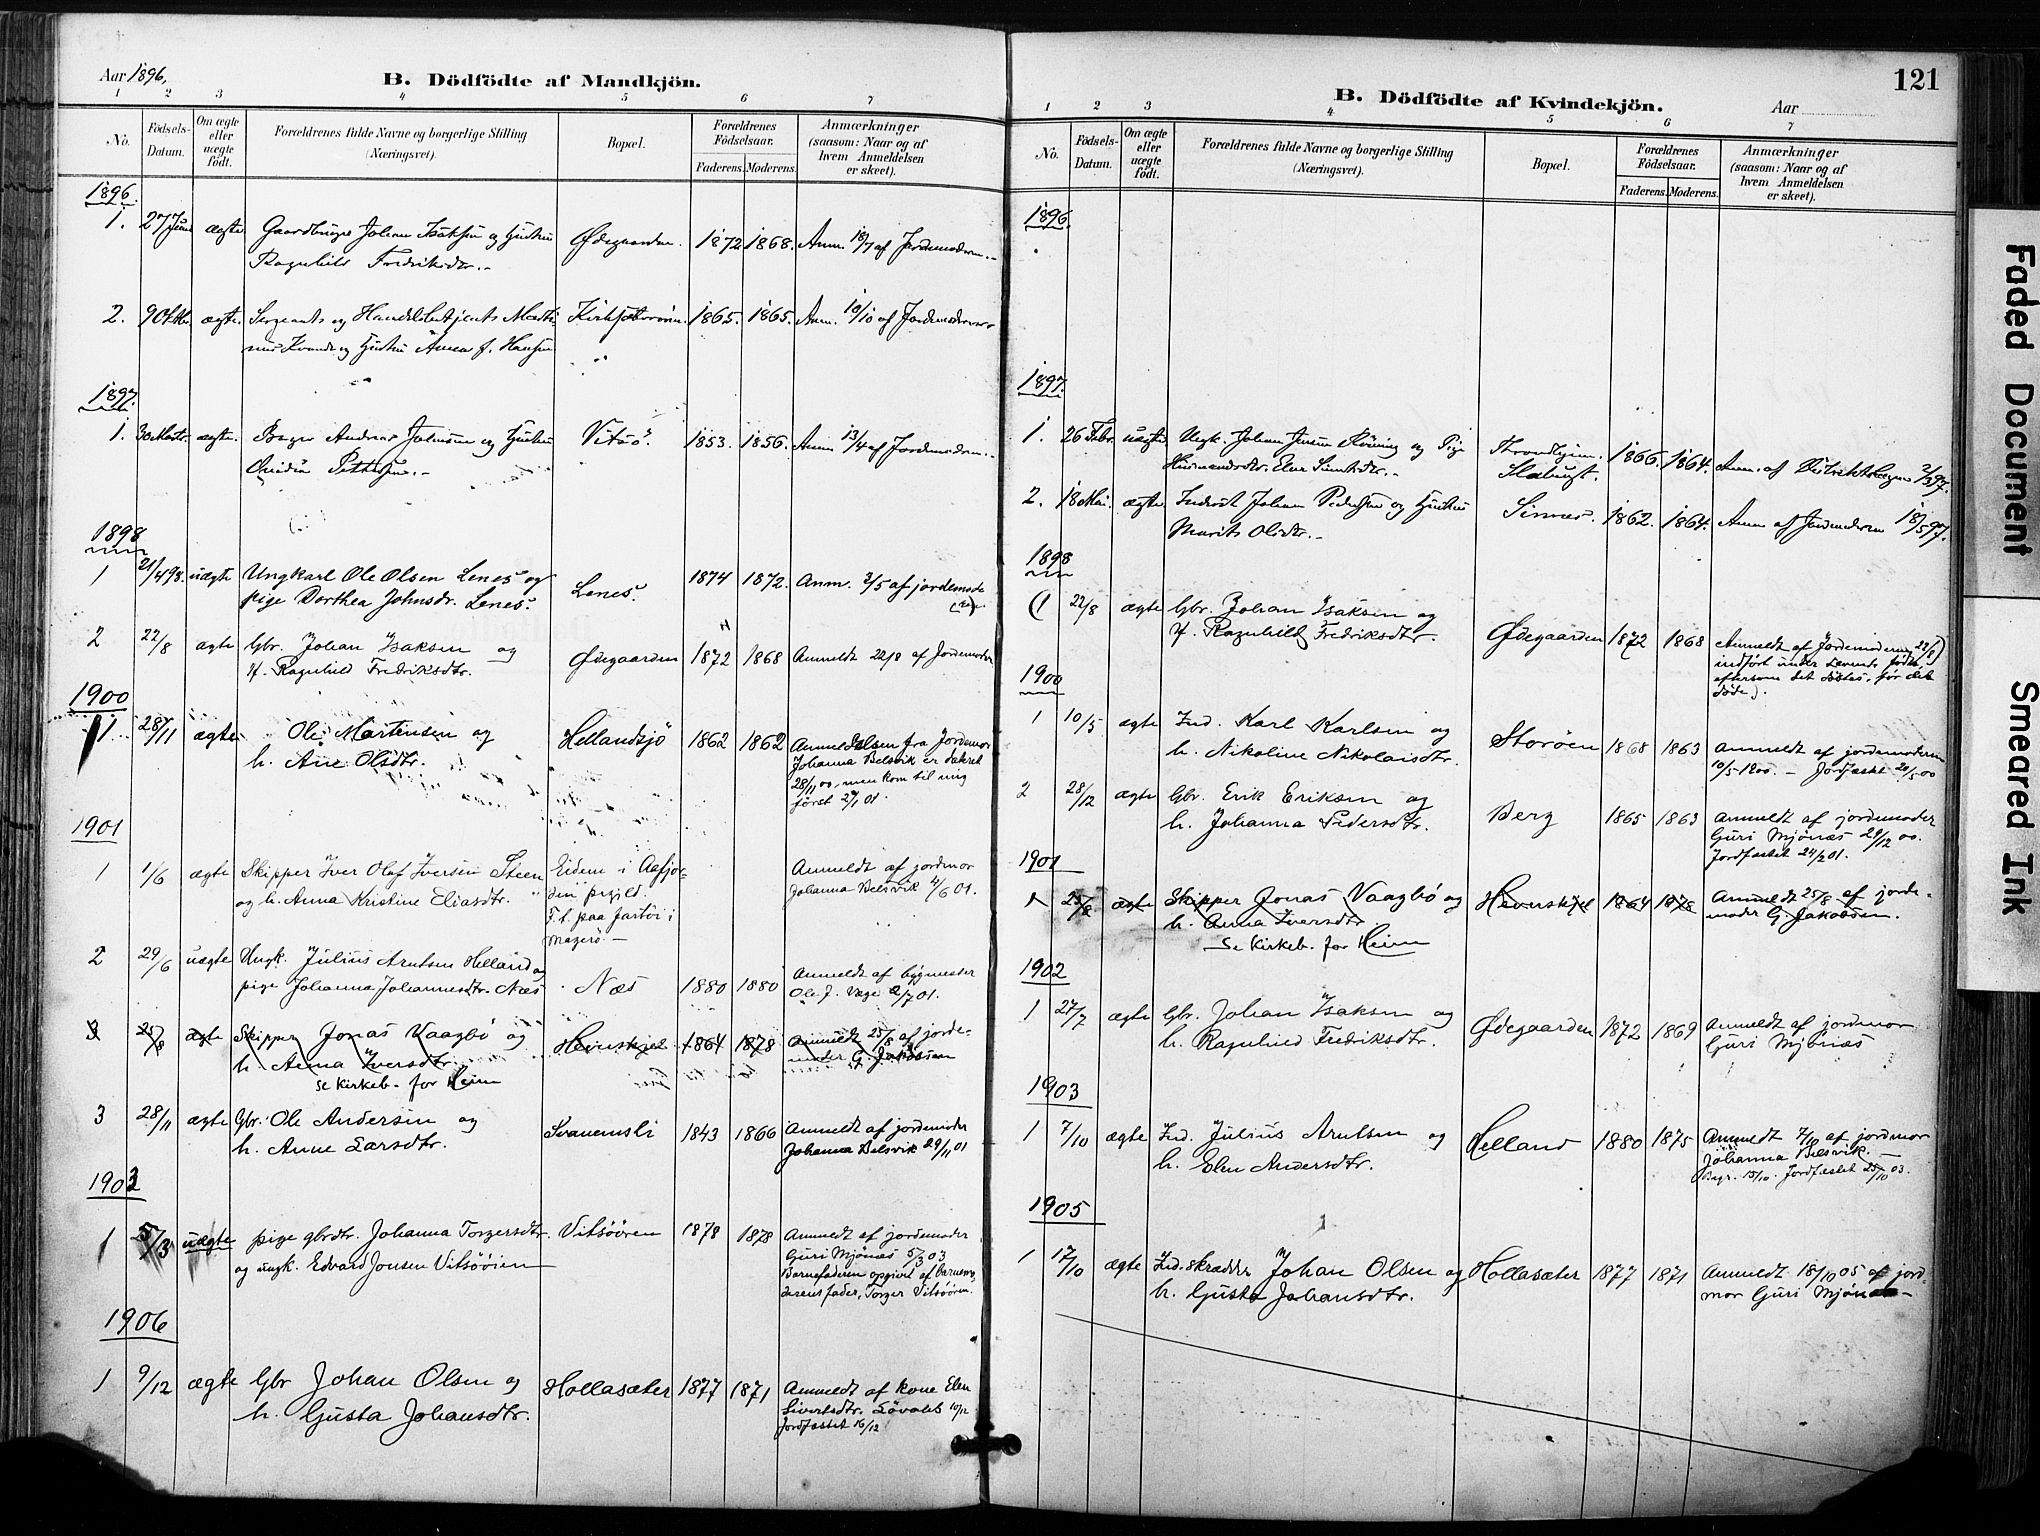 SAT, Ministerialprotokoller, klokkerbøker og fødselsregistre - Sør-Trøndelag, 630/L0497: Ministerialbok nr. 630A10, 1896-1910, s. 121